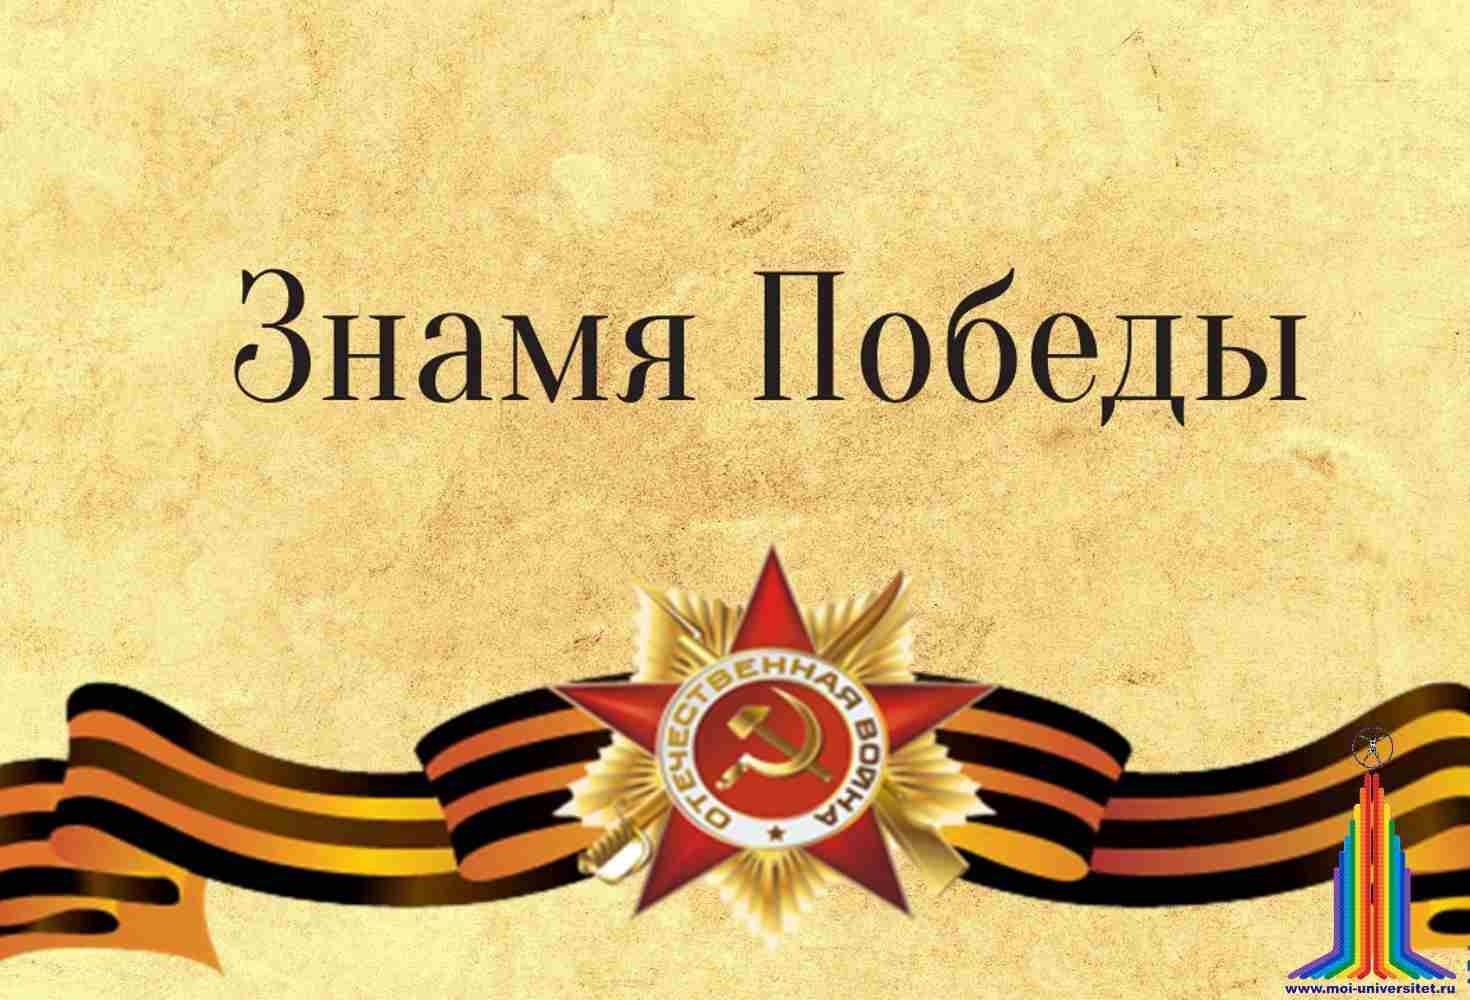 moj-universitet-priglashaet-pedagogov-prinyat-uchastie-vo-vserossijskom-konkurse-znamya-pobedy